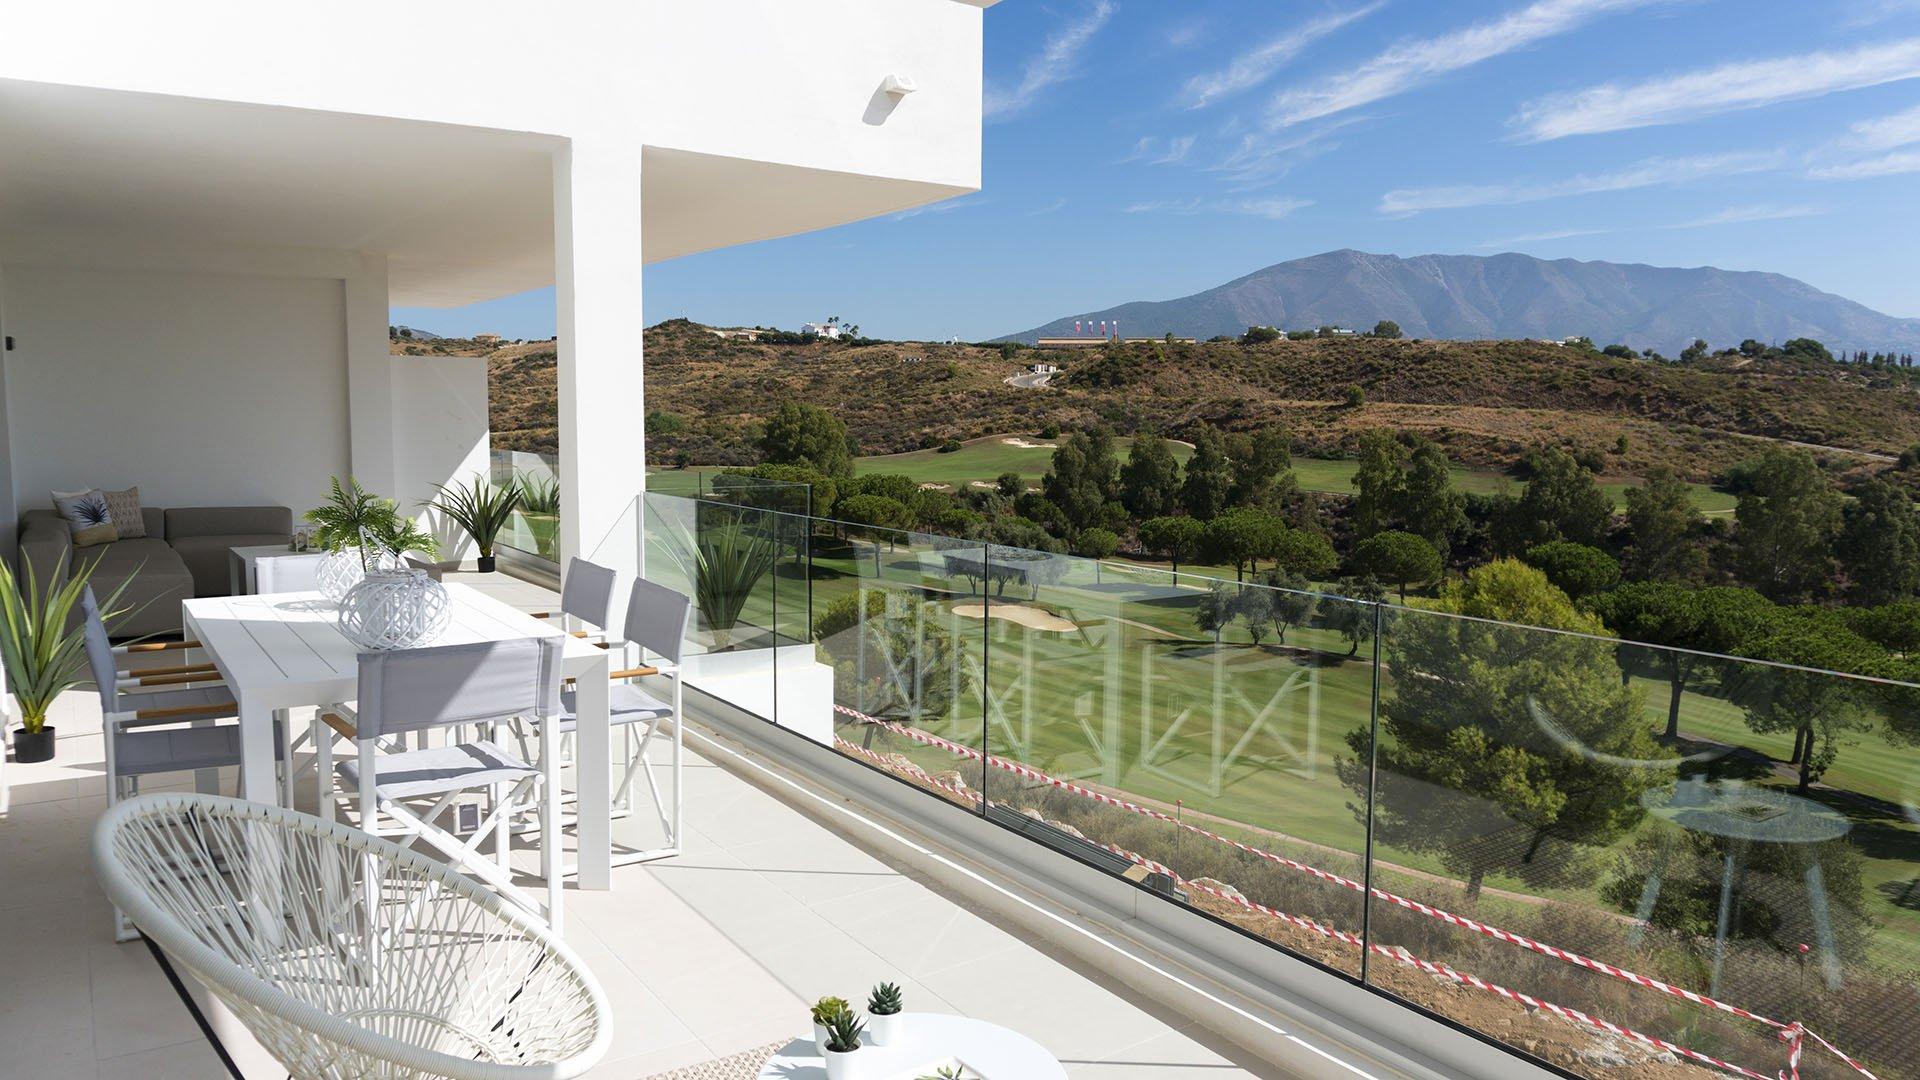 Fairways: Moderne appartementen en penthouses in een idyllisch landschap